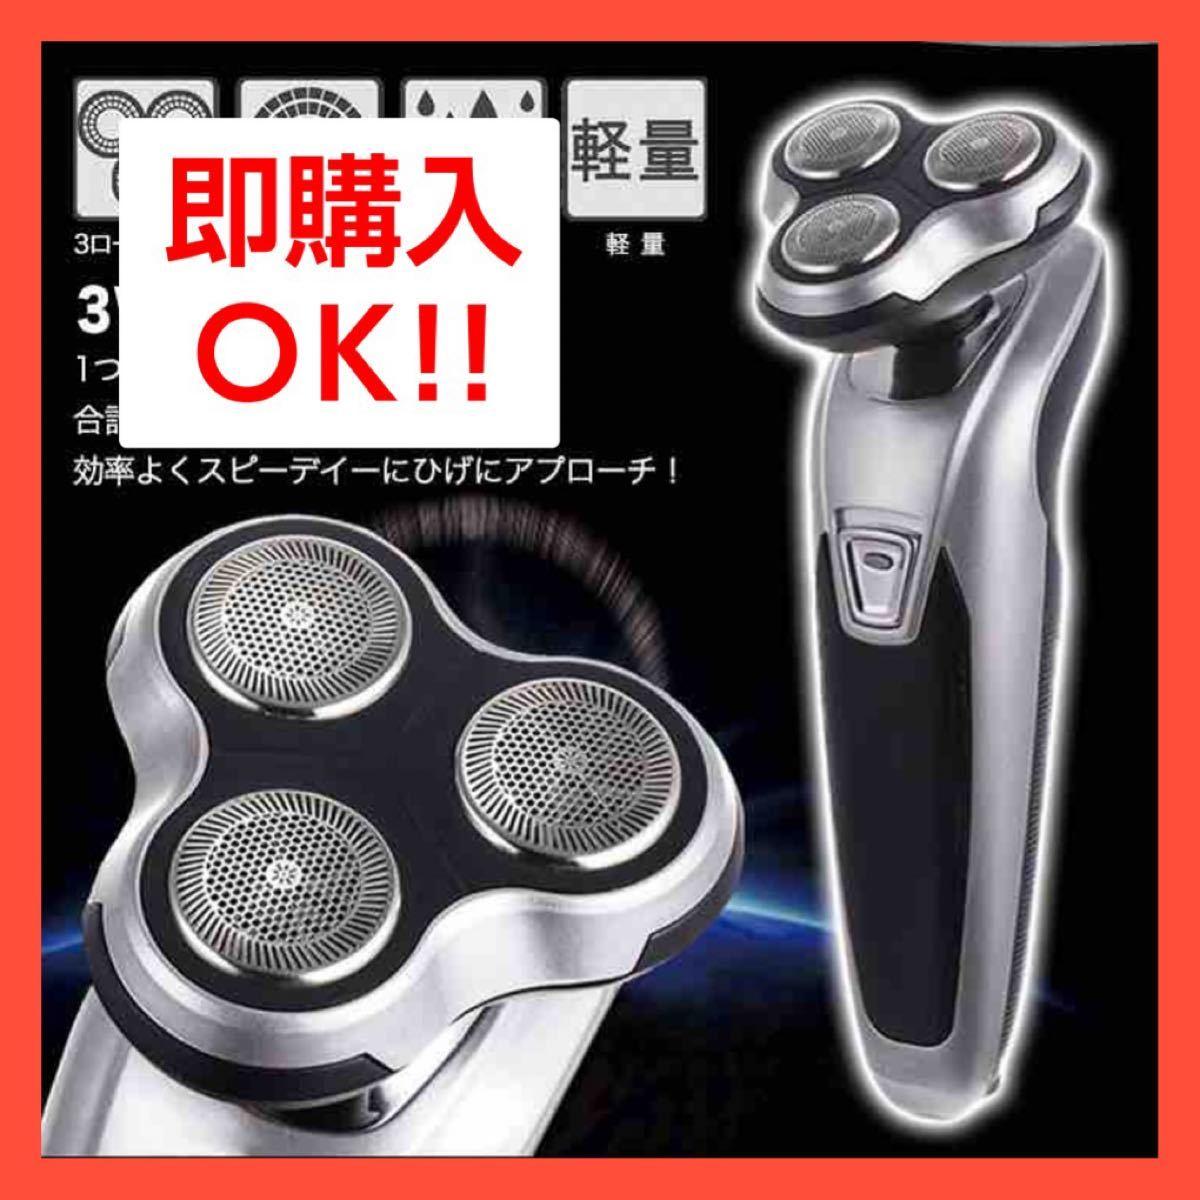 【新品・ダークグレー】電気シェーバー 電気髭剃り 電動シェーバー 3way 6枚刃 水洗い可 メンズ 水洗い可能 軽量